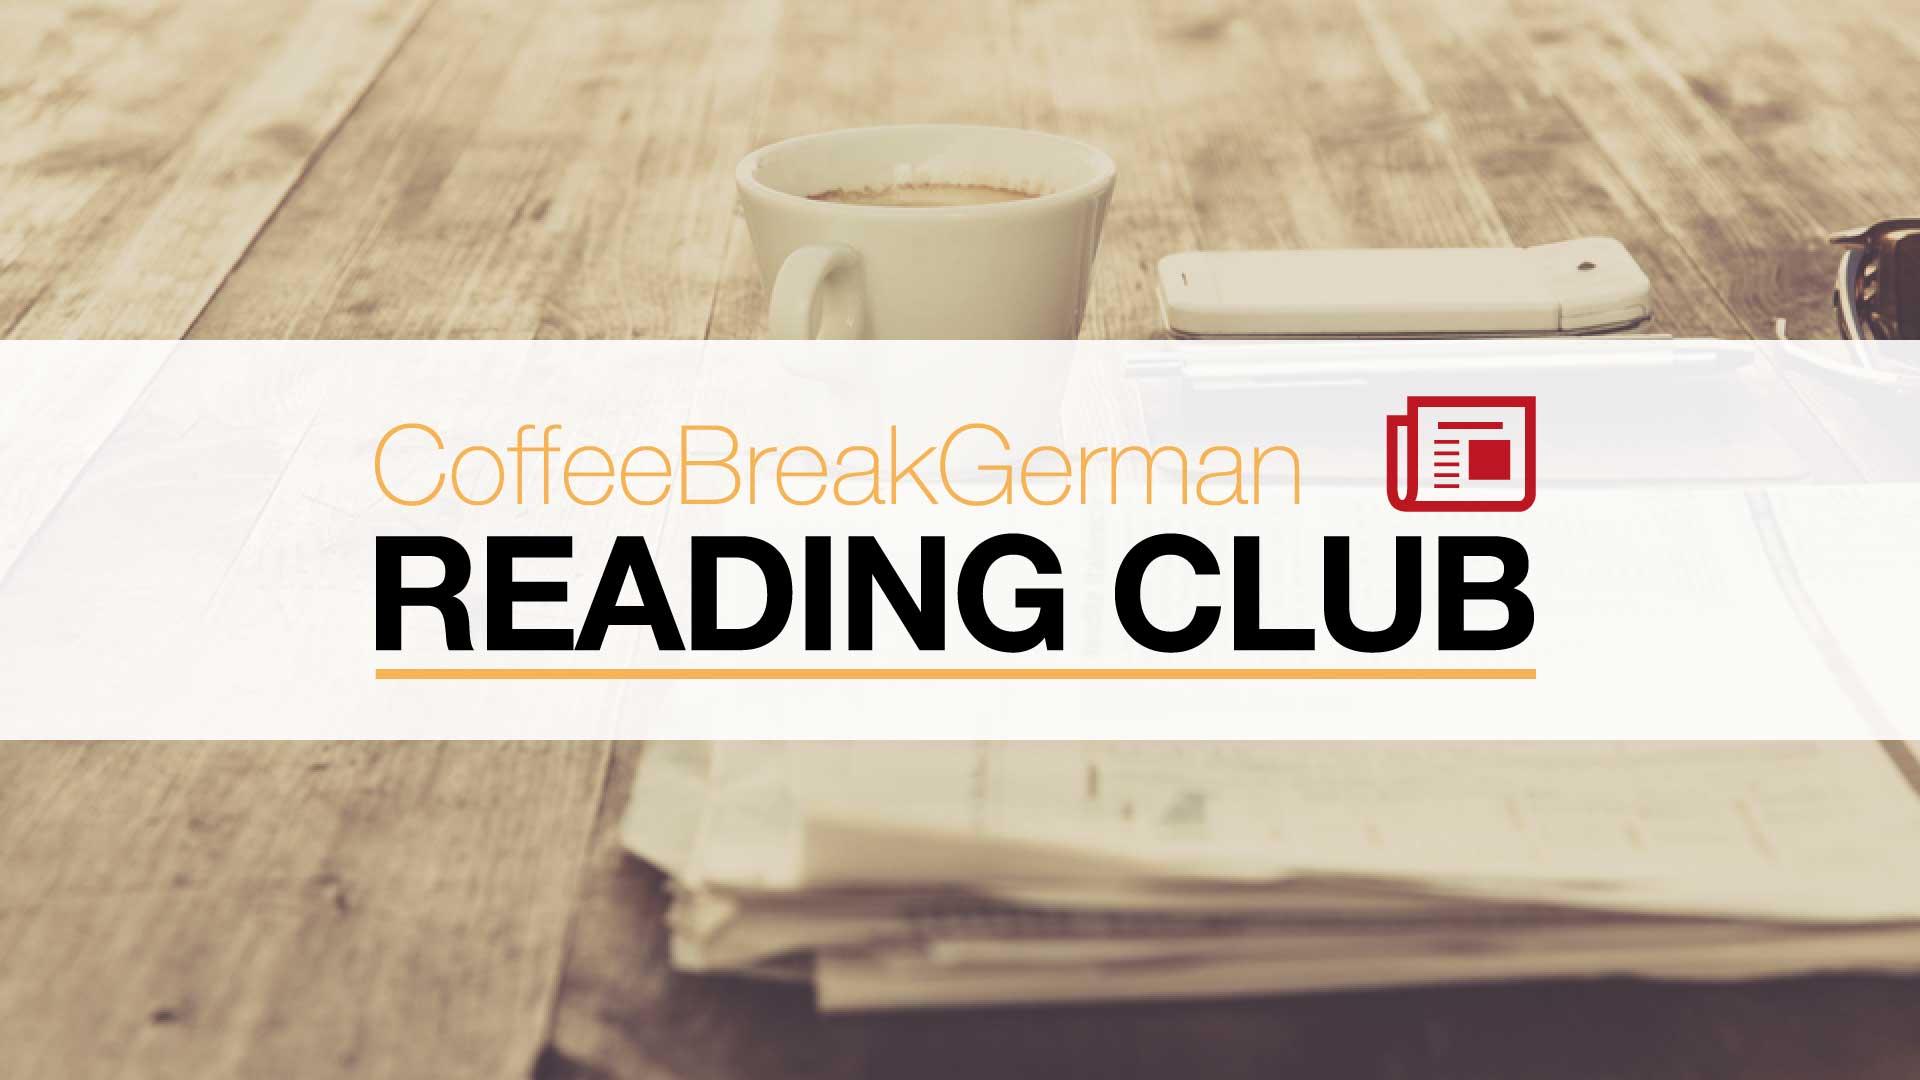 Coffee Break German Reading Club - Coffee Break Languages